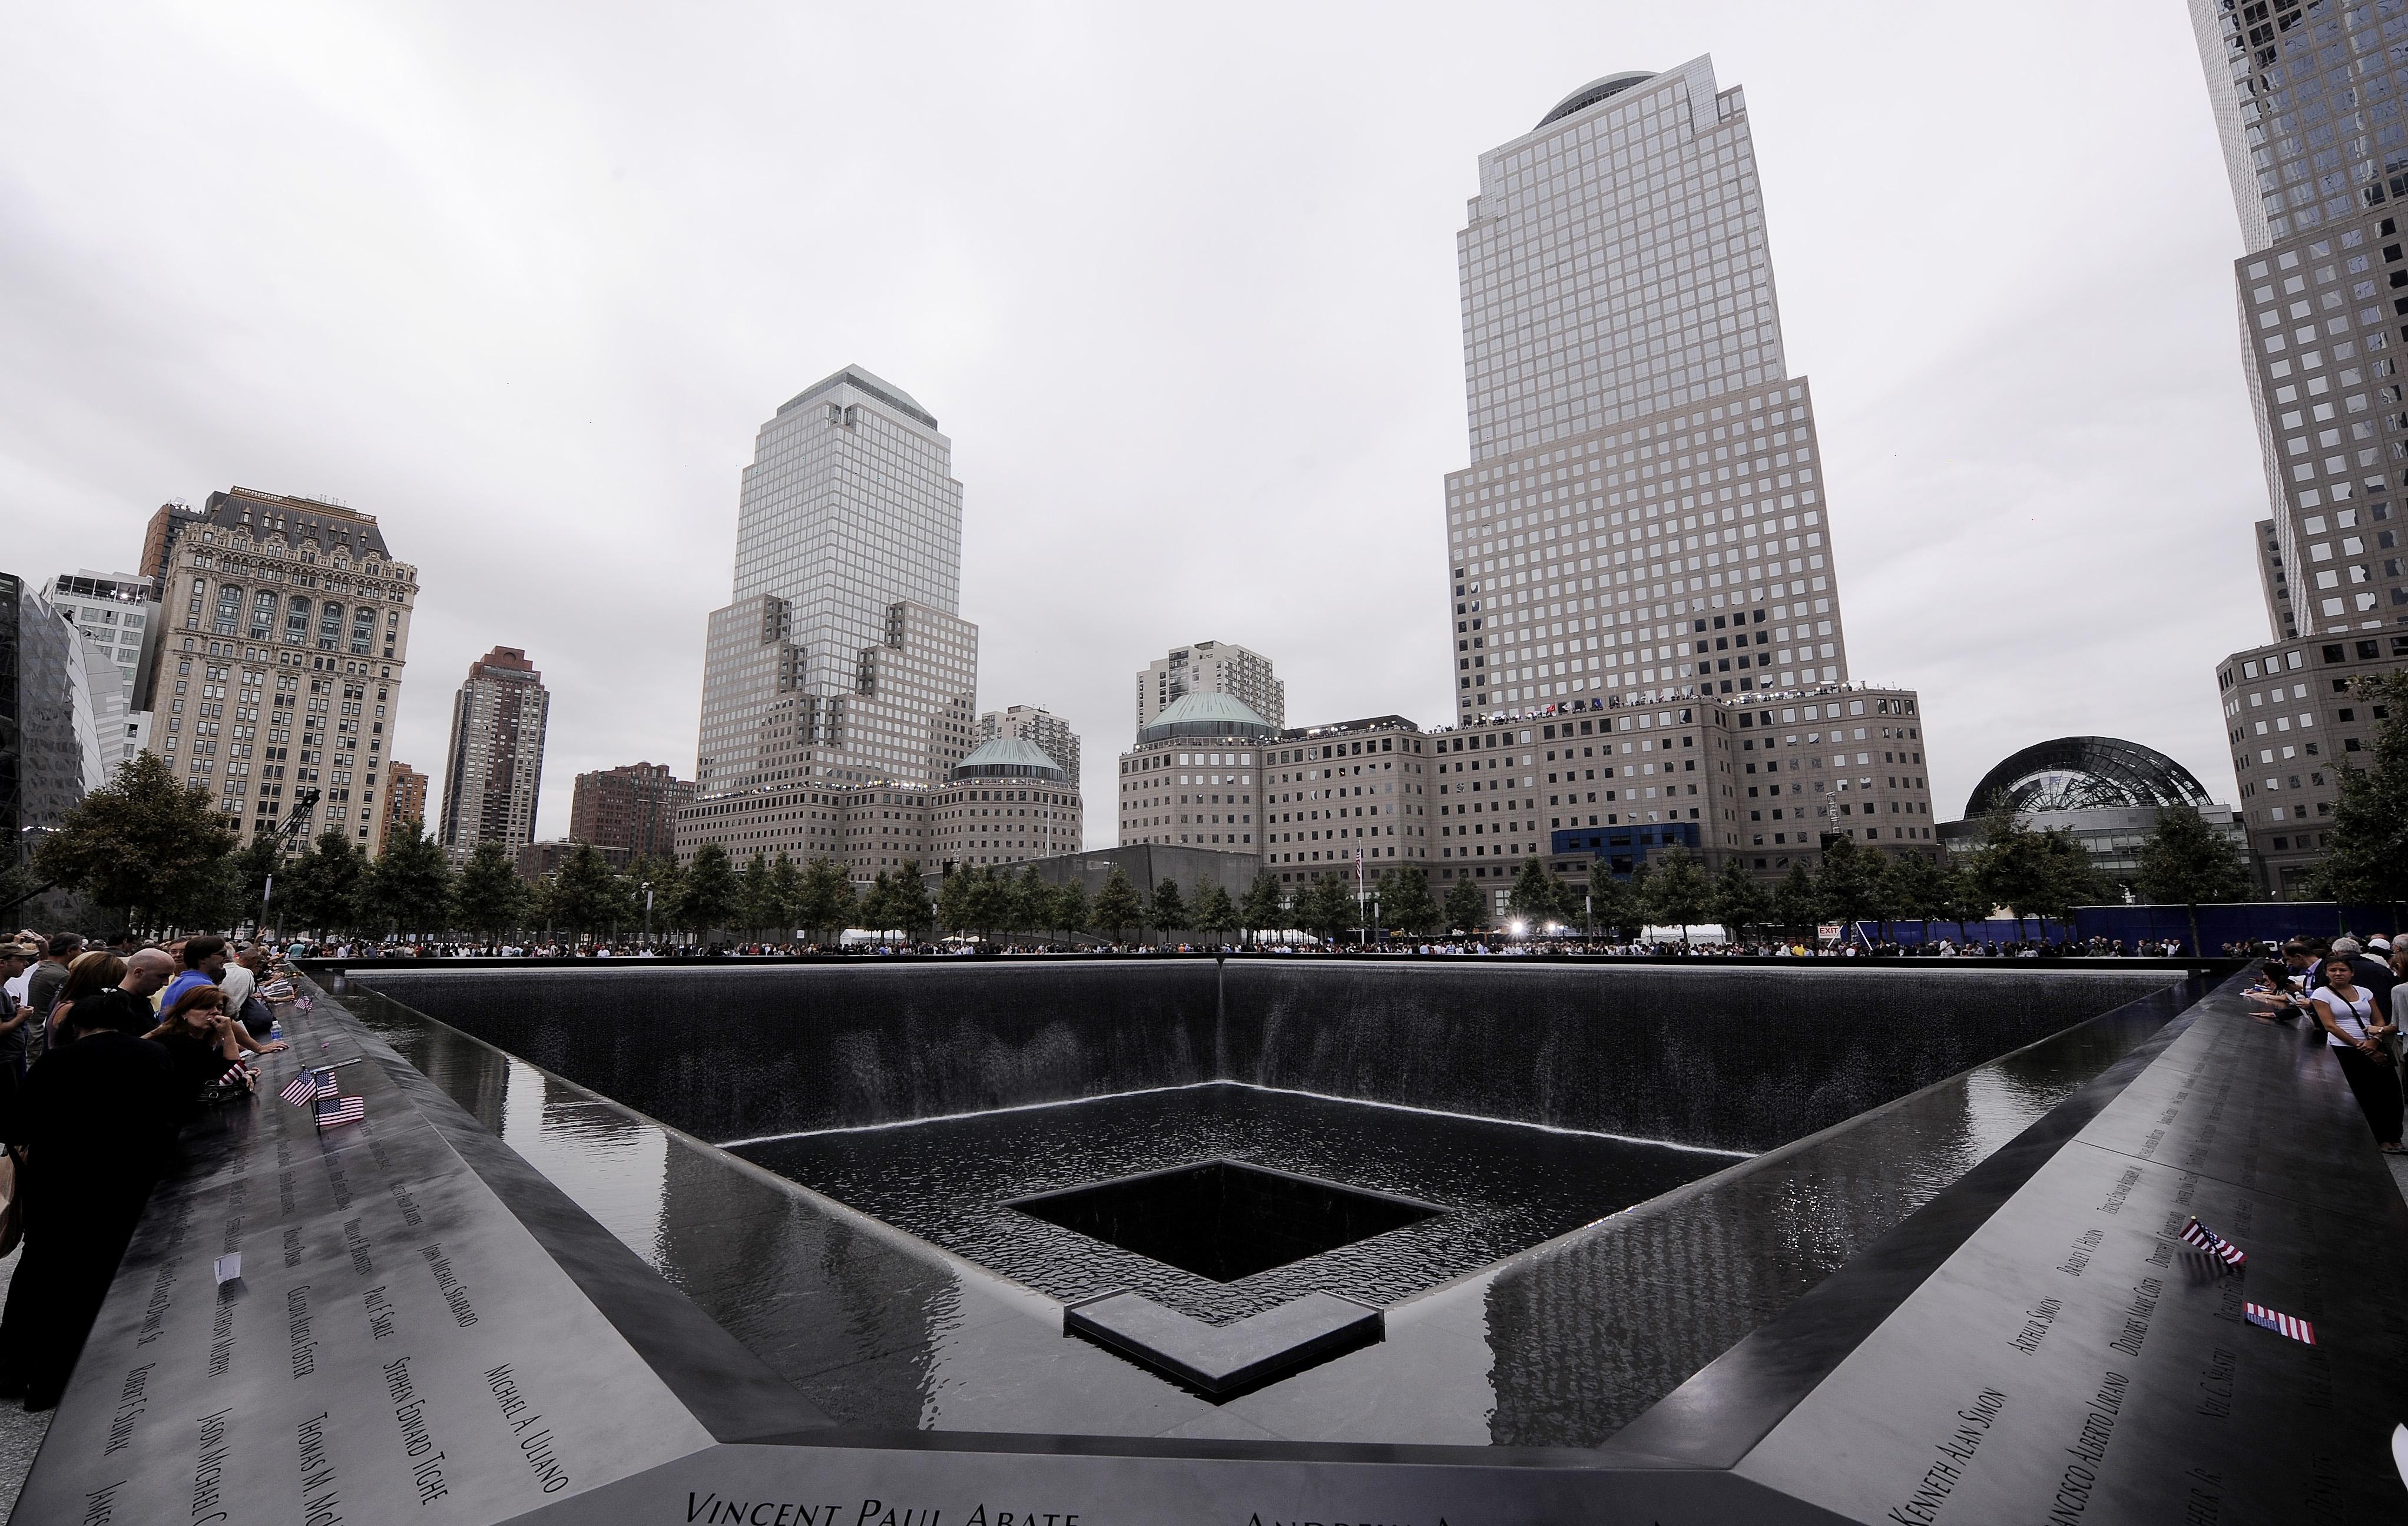 Los miembros de la familia se reúnen en el borde de la piscina norte del 9/11 Memorial durante las ceremonias del décimo aniversario de los ataques terroristas del 11 de septiembre de 2001 en el sitio del World Trade Center, 11 de septiembre de 2011 en Nueva Ciudad de York.